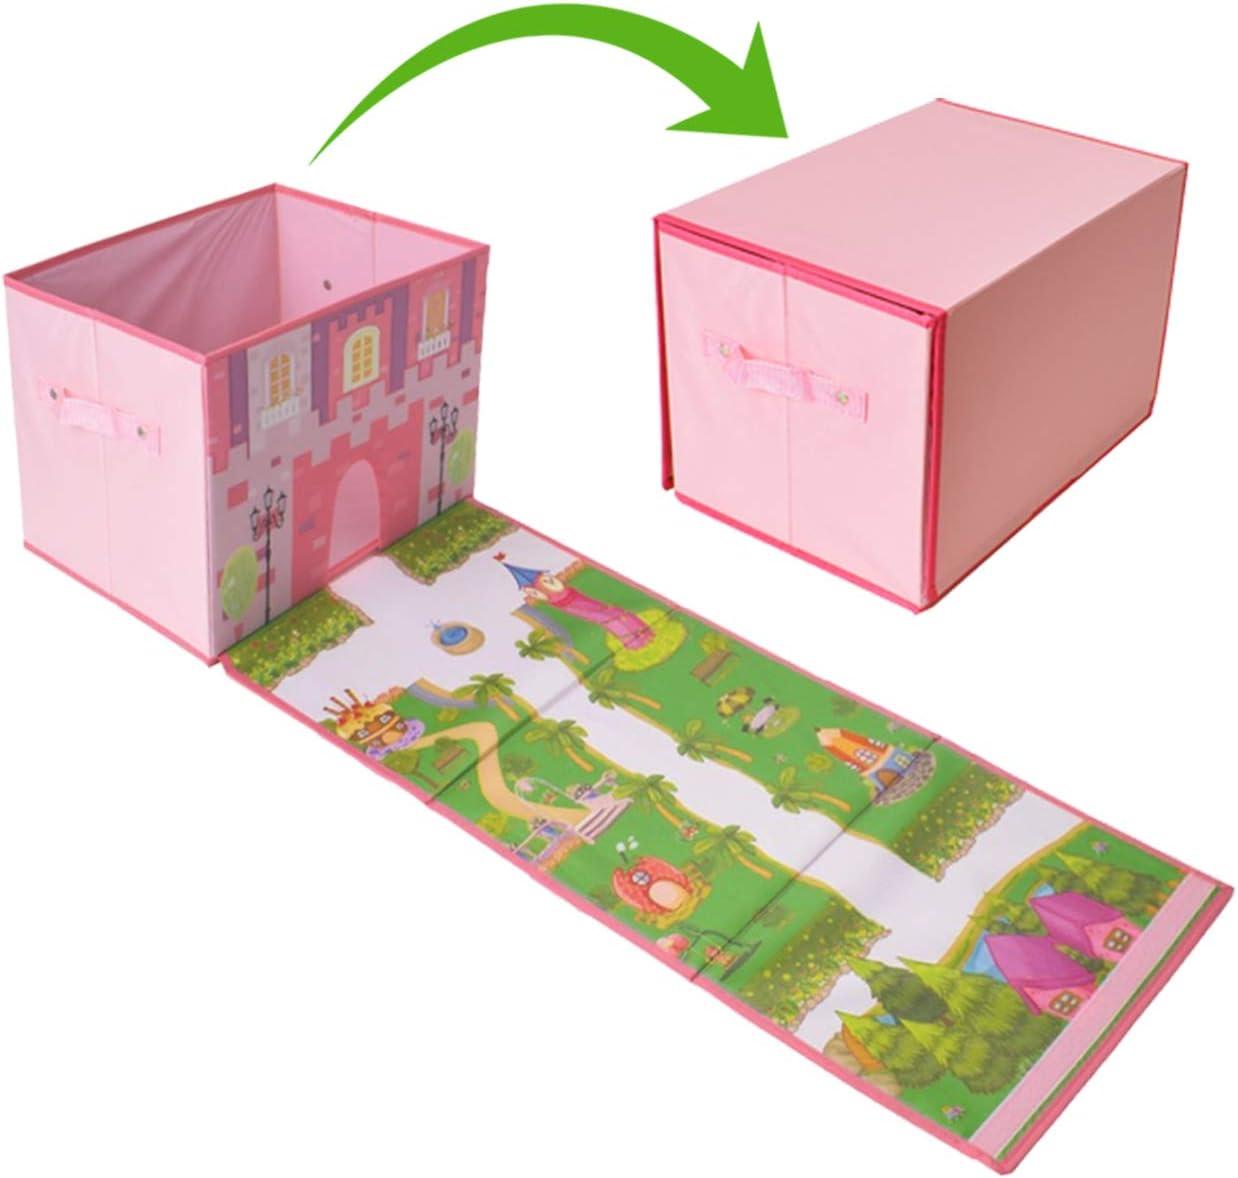 Buabi Caja arcón de Juguetes, se Convierte en Alfombra de Juegos (Castillo de Princesa)